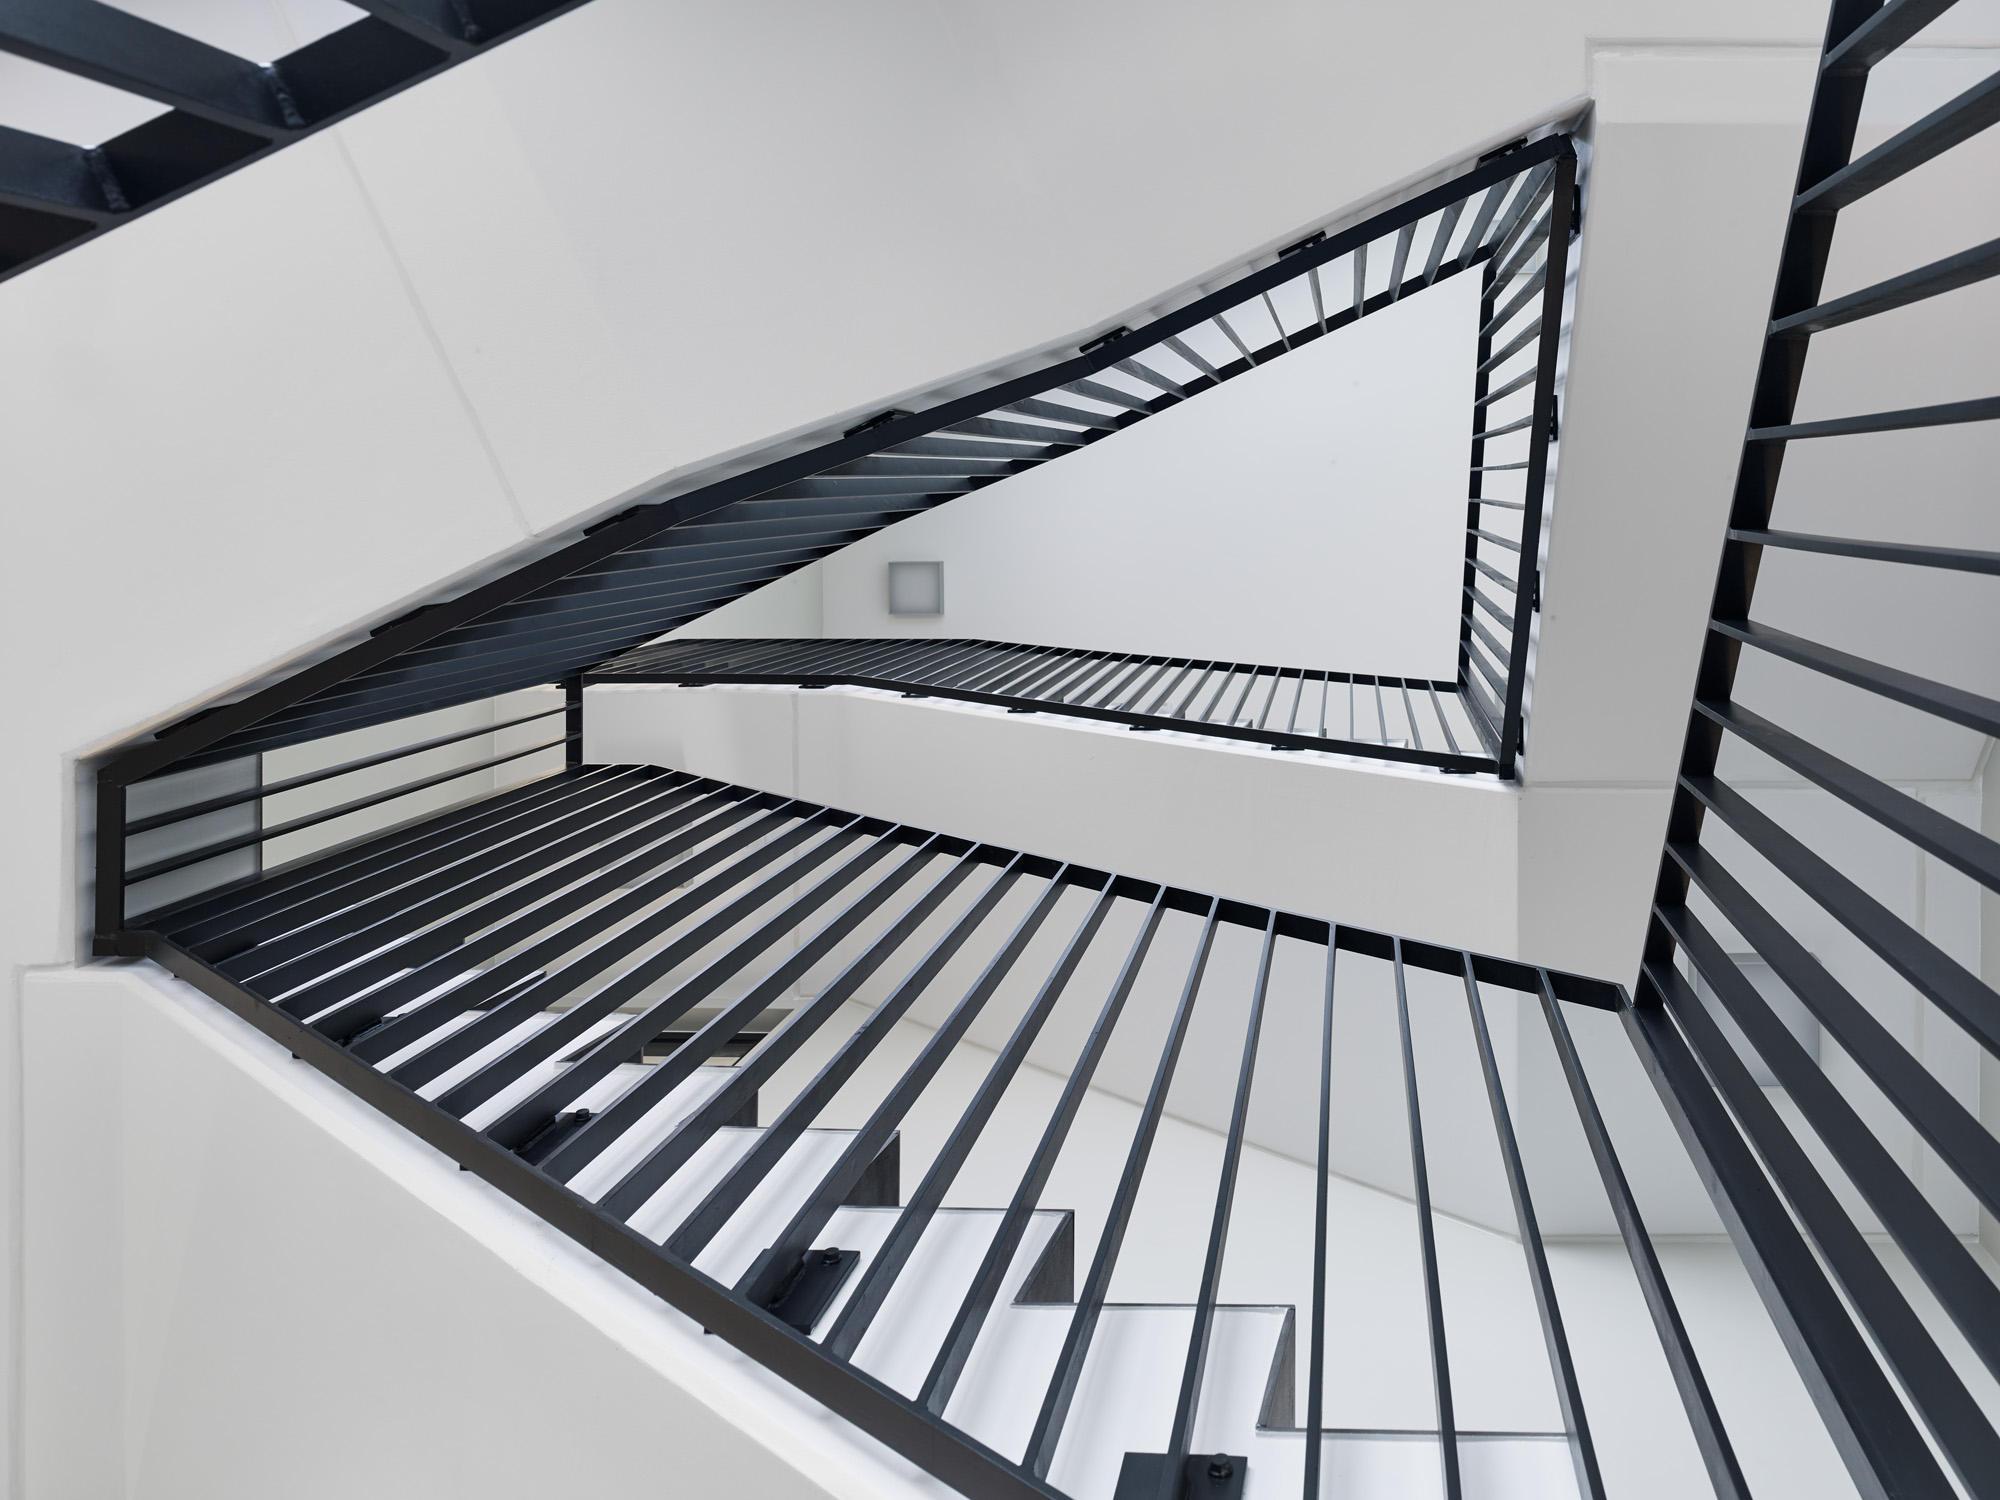 neubau-jadepack-treppenhaus-schoenbornschmitz-architekten